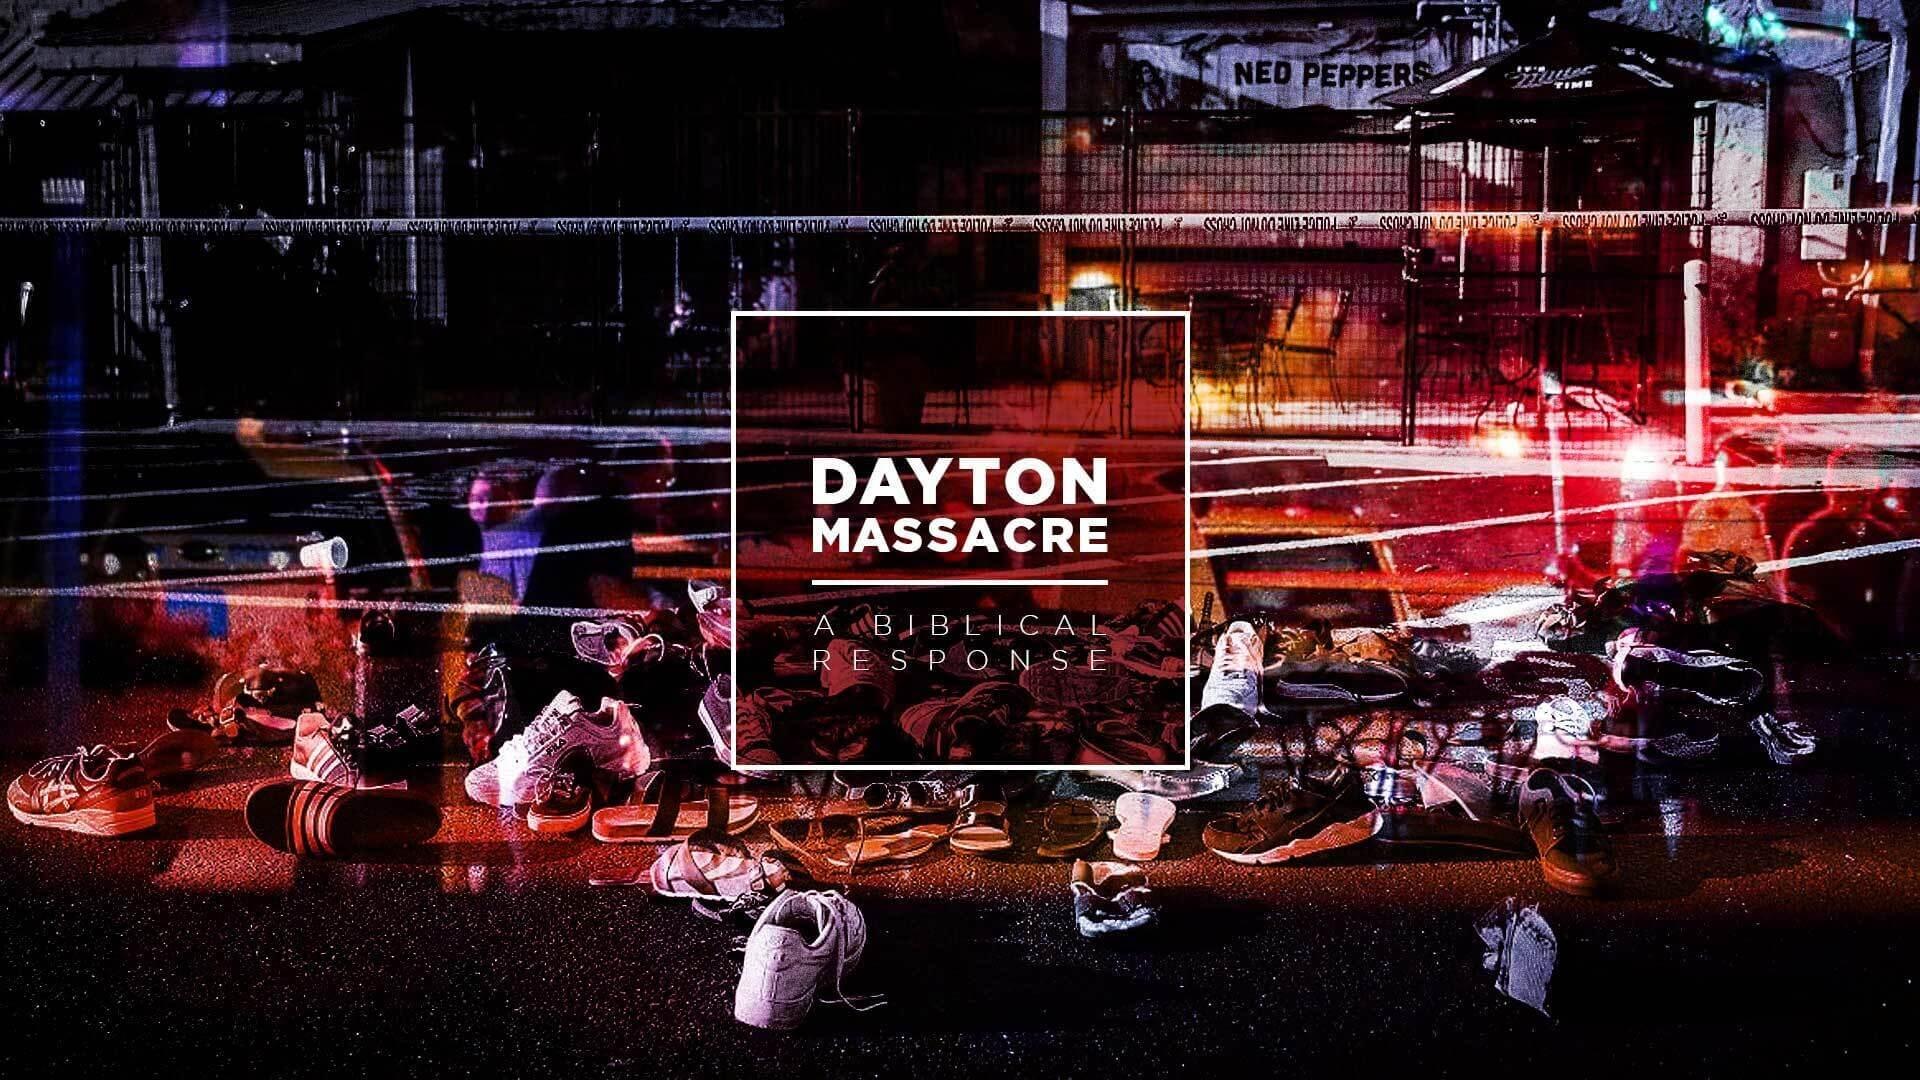 Dayton Massacre: A Biblical Response